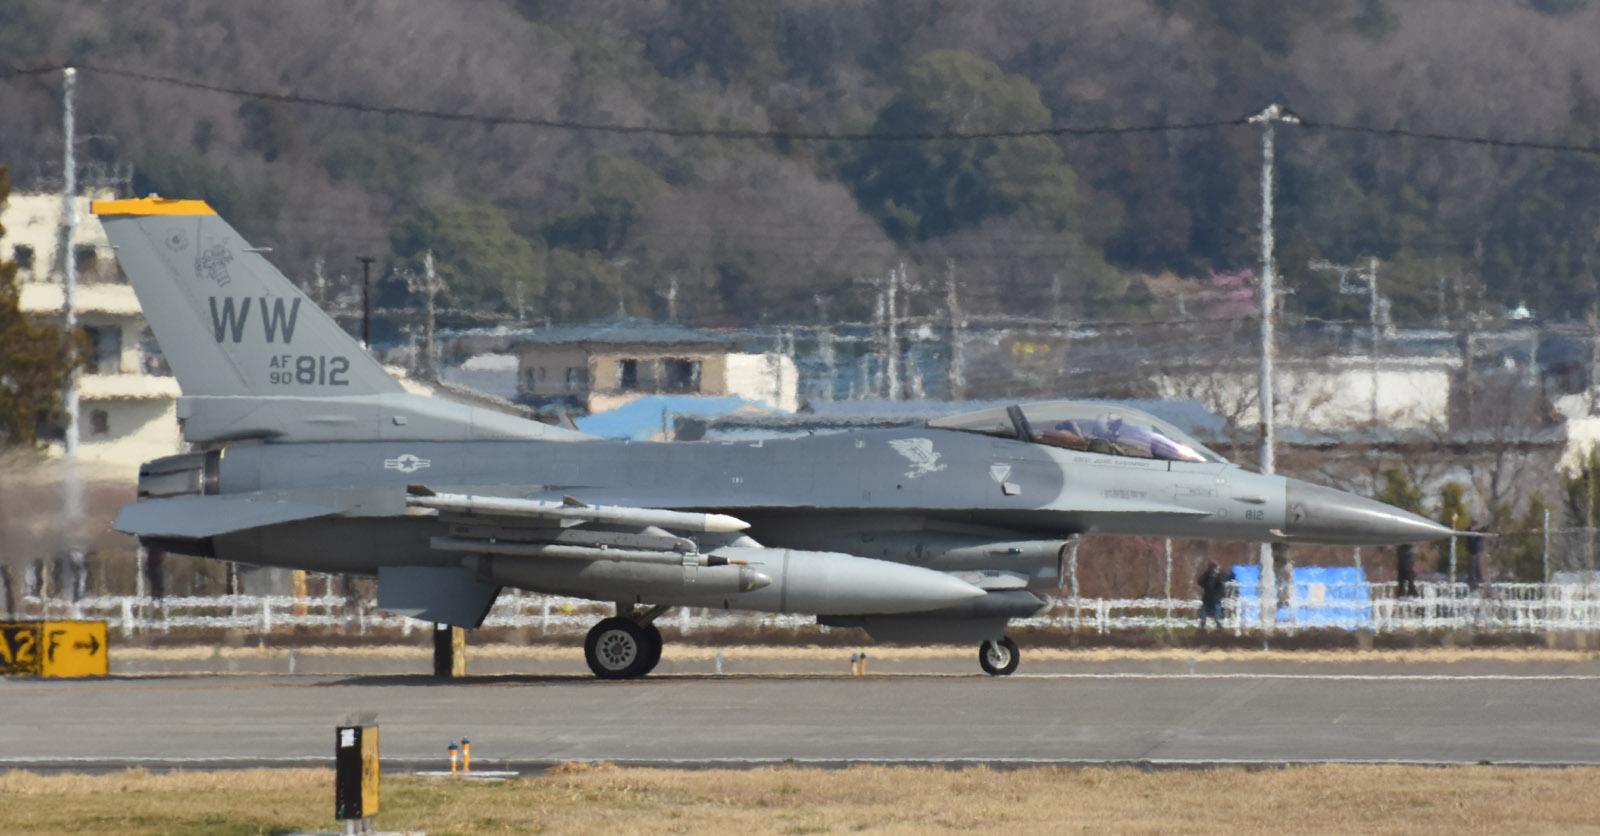 F16cm190312g995